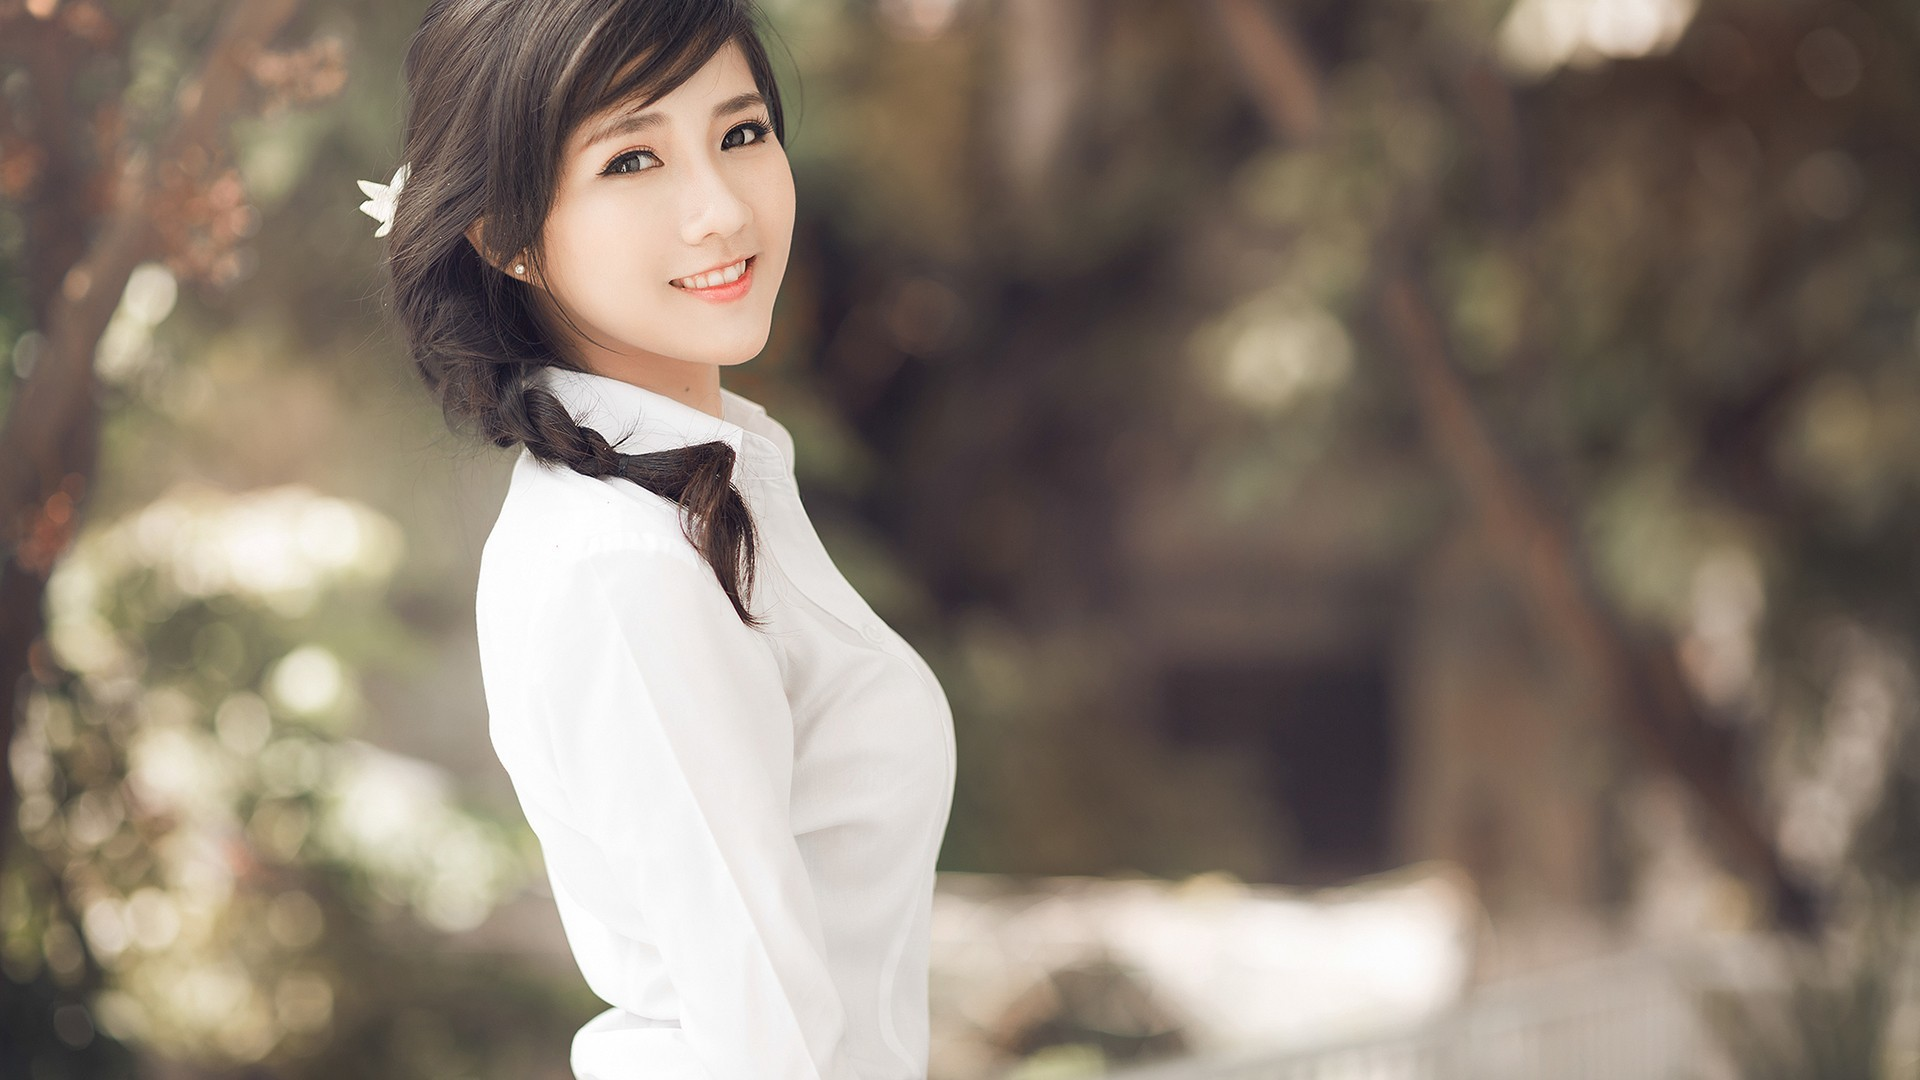 cute girly wallpapers girls wallpaper girls wallpaper cute girl .